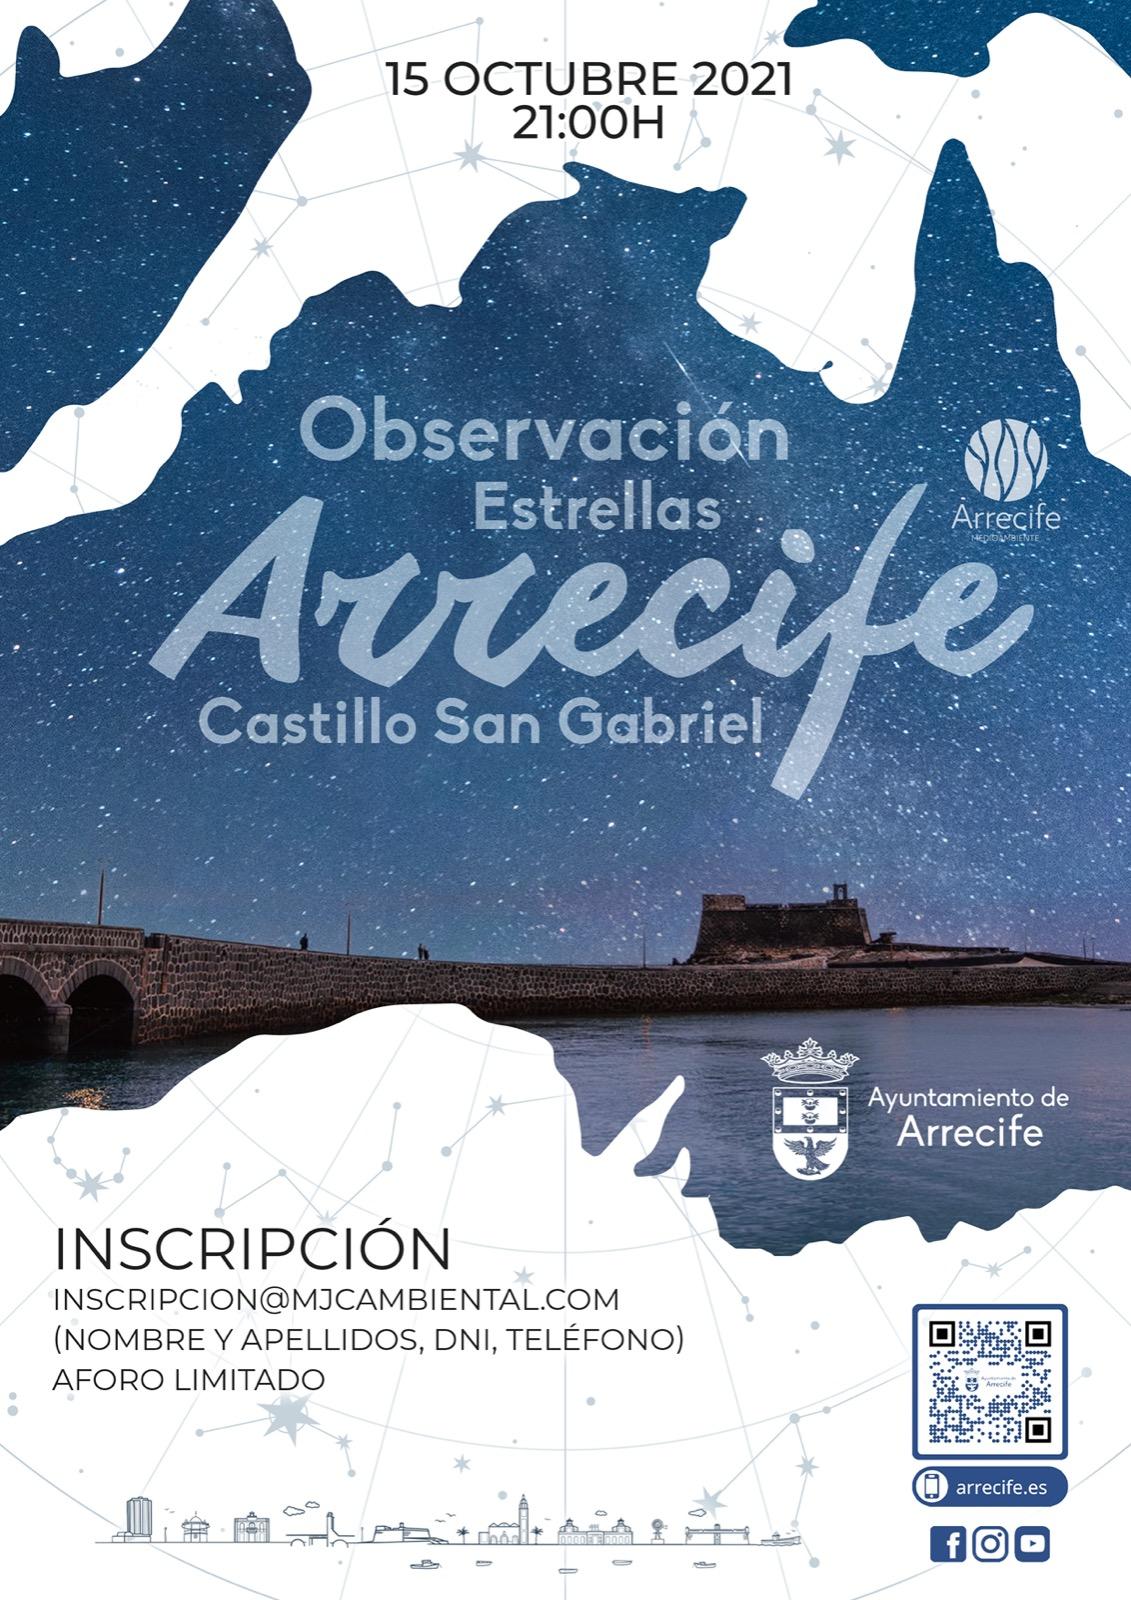 """El Ayuntamiento invita a disfrutar de la sostenibilidad lumínica de Arrecife con """"Noche de estrellas"""""""